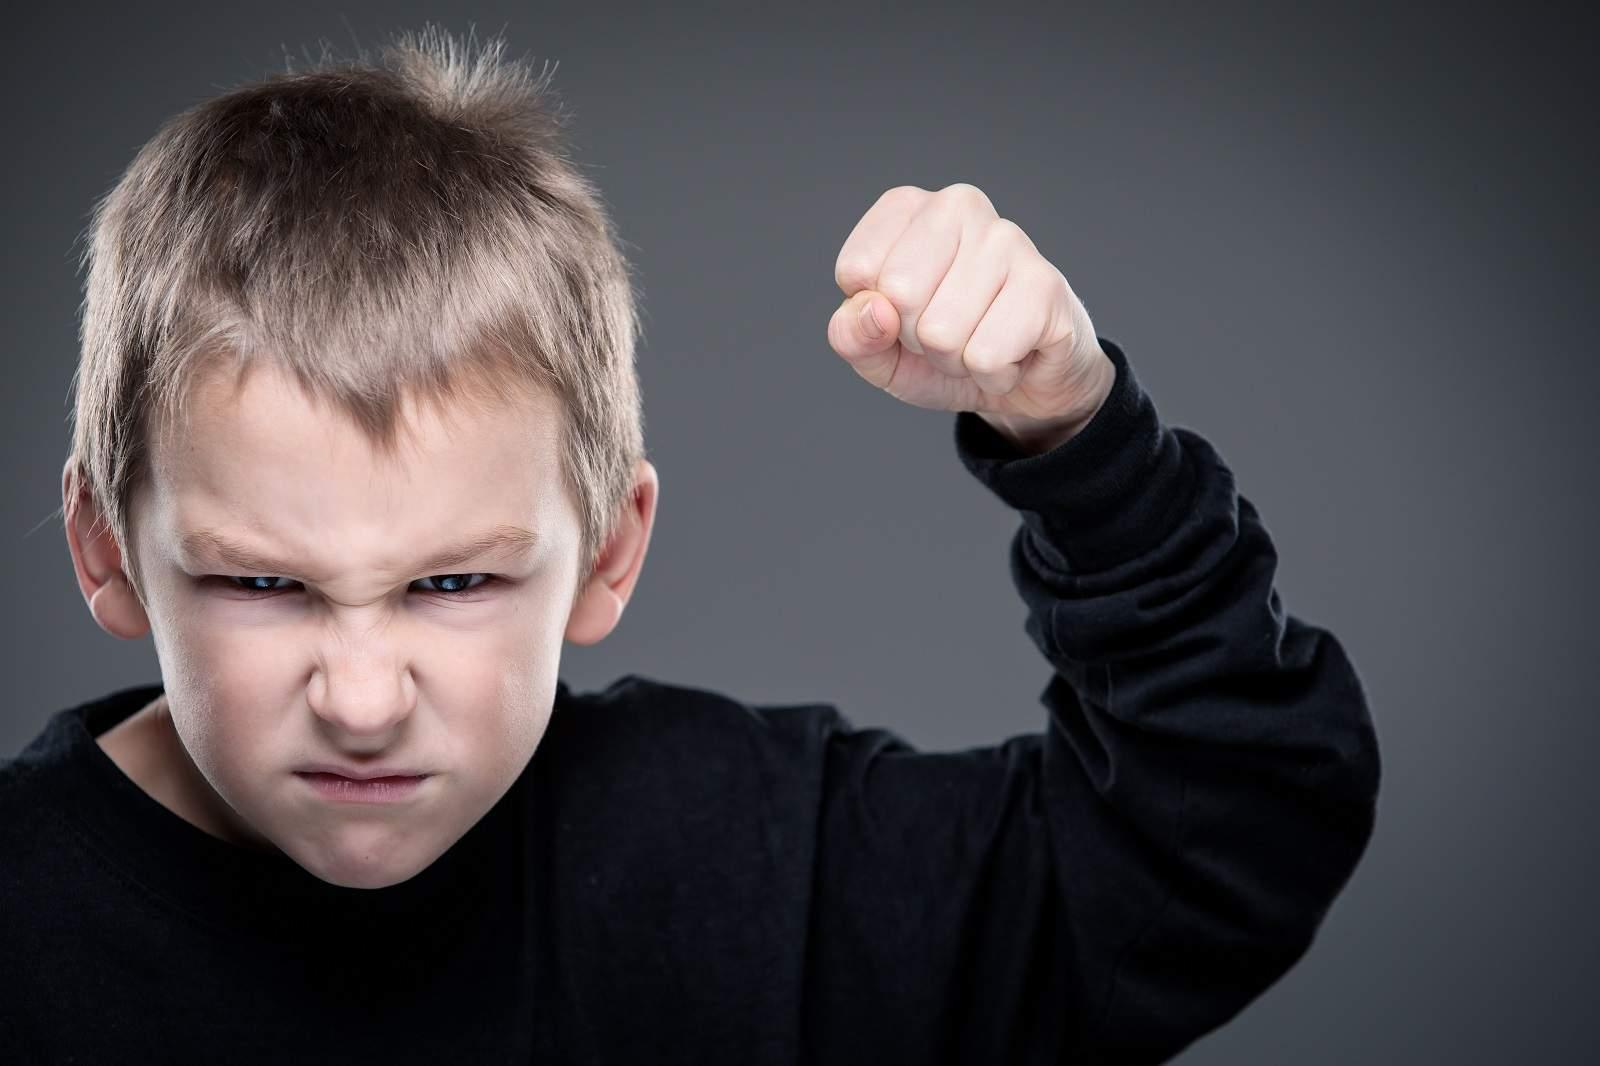 все аутисты злые-это миф